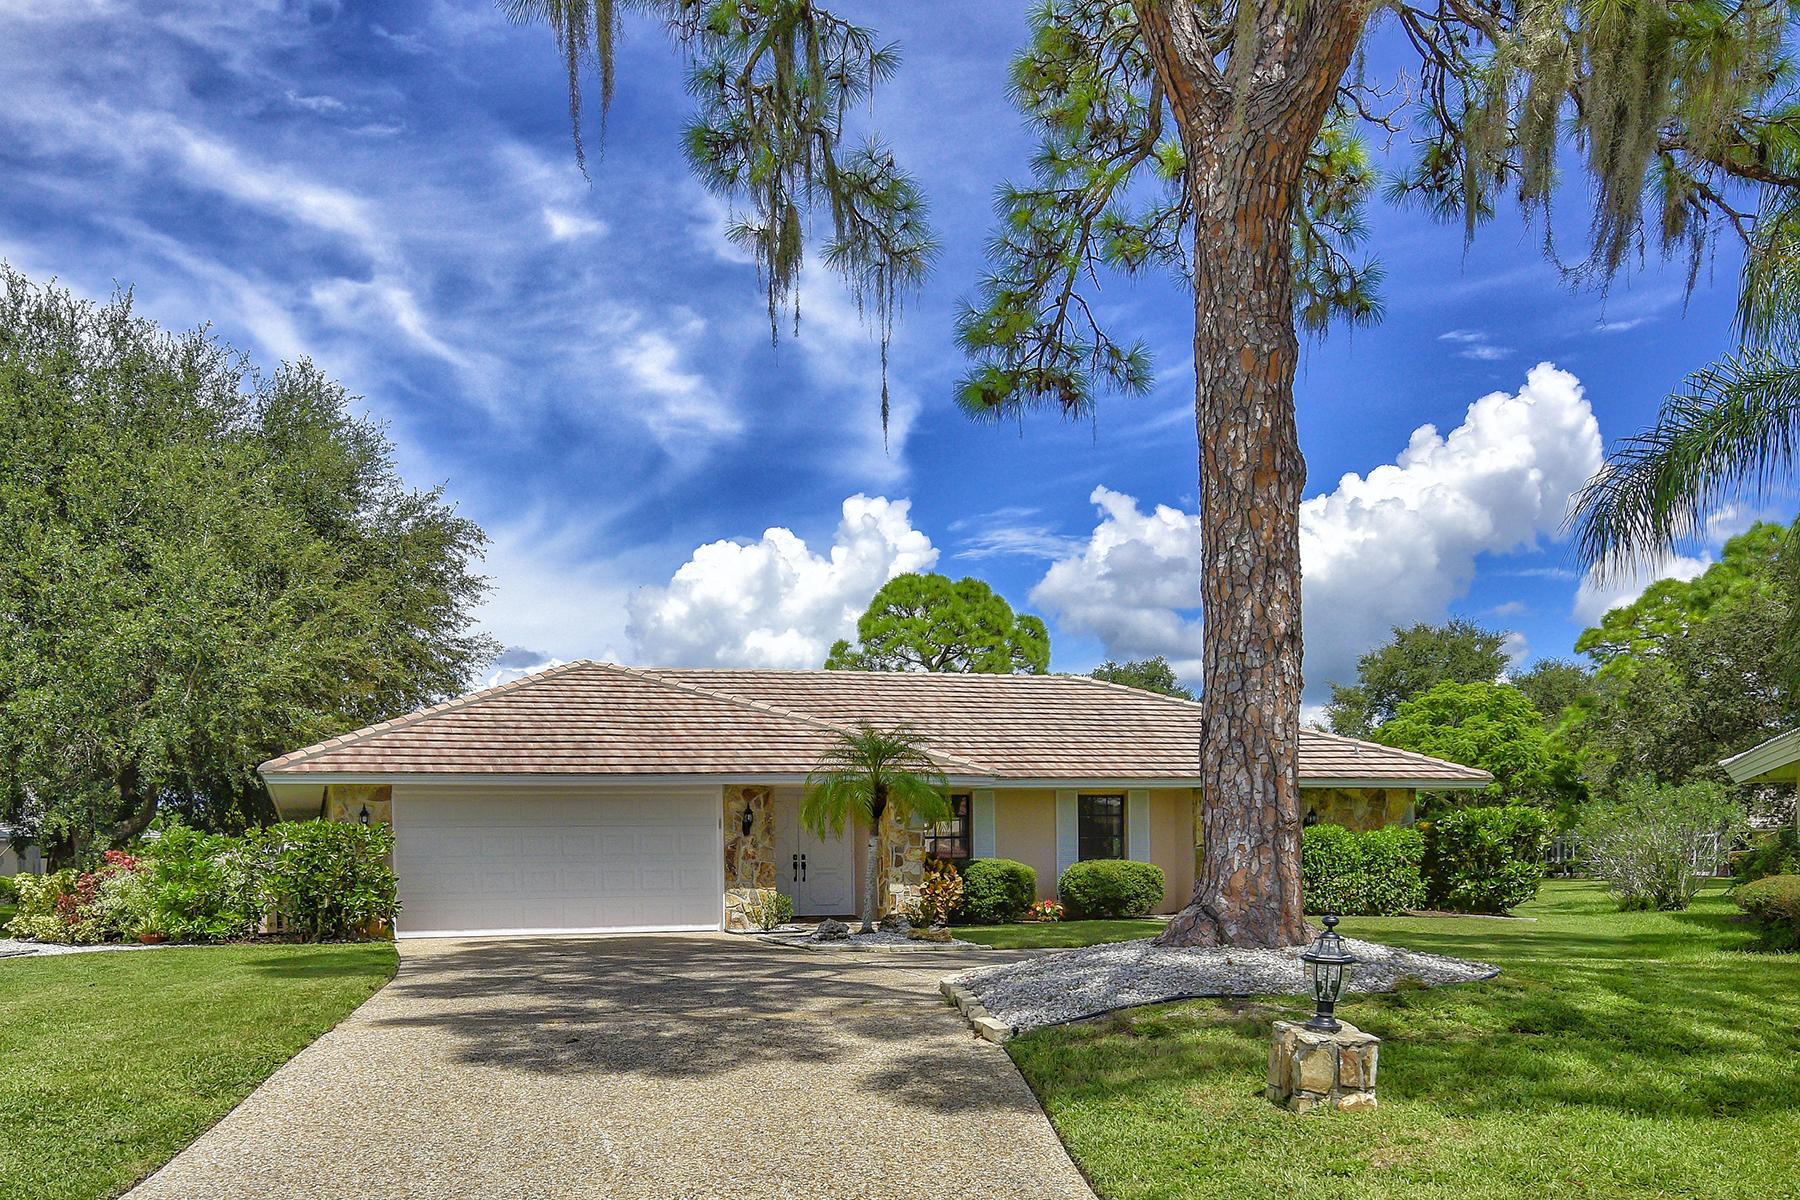 Частный односемейный дом для того Продажа на SOUTHBAY YACHT AND RACQUET CLUB 1469 Shoal Way Osprey, Флорида 34229 Соединенные Штаты